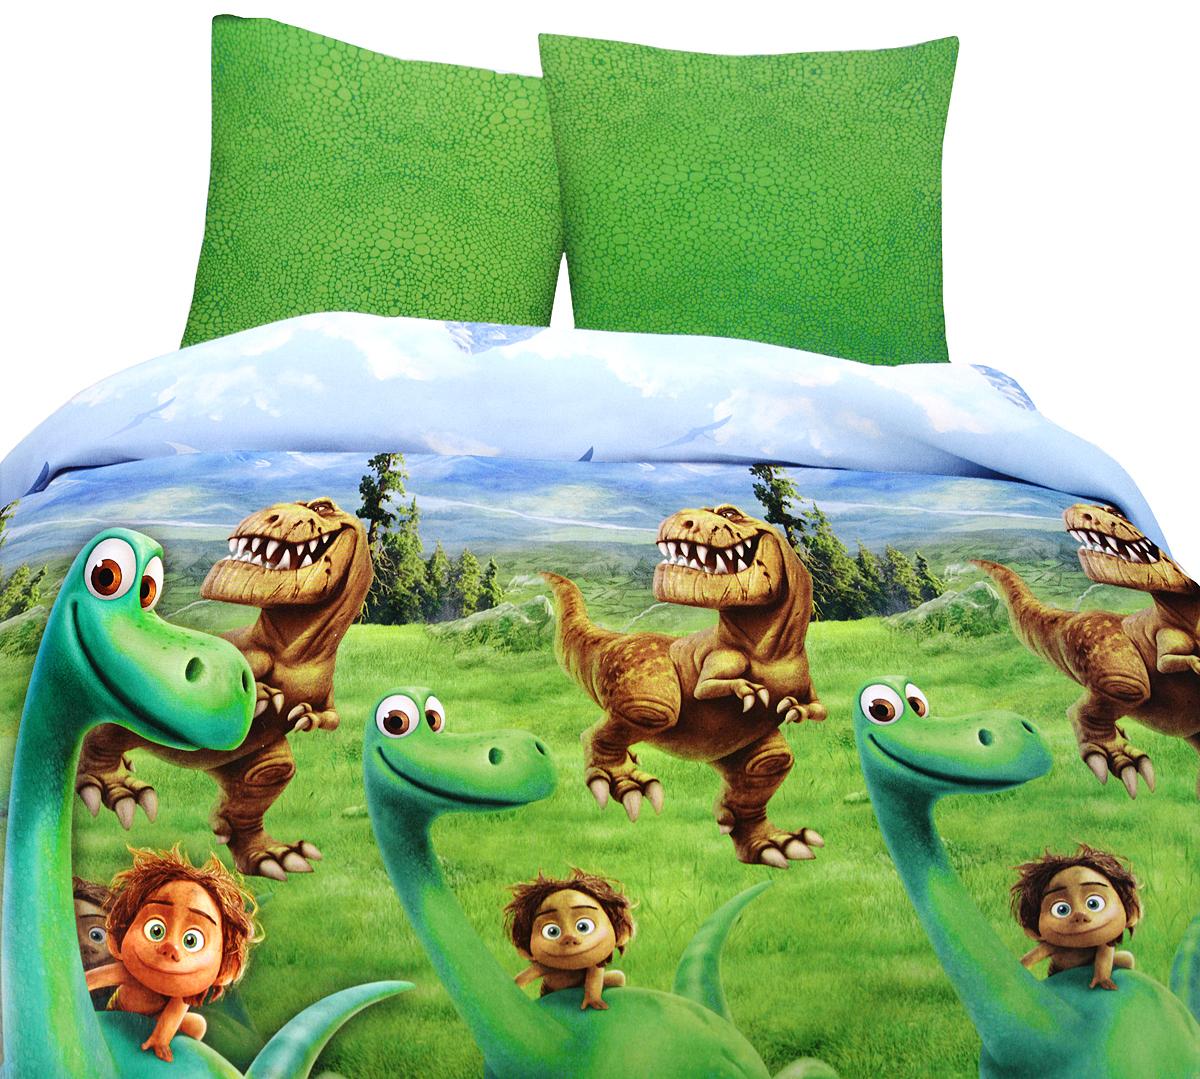 Хороший динозавр Комплект детского постельного белья Динозавр 1,5-спальный1030_бежевая уточкаКомплект детского постельного белья Хороший динозавр Динозавр, состоящий из наволочки, простыни и пододеяльника, выполнен из натурального 100% хлопка. Пододеяльник оформлен рисунком в виде героев мультфильма Хороший Динозавр. Хлопок - это натуральный материал, который не раздражает даже самую нежную и чувствительную кожу малыша, не вызывает аллергии и хорошо вентилируется. Такой комплект идеально подойдет для кроватки вашего малыша. На нем ребенок будет спать здоровым и крепким сном.